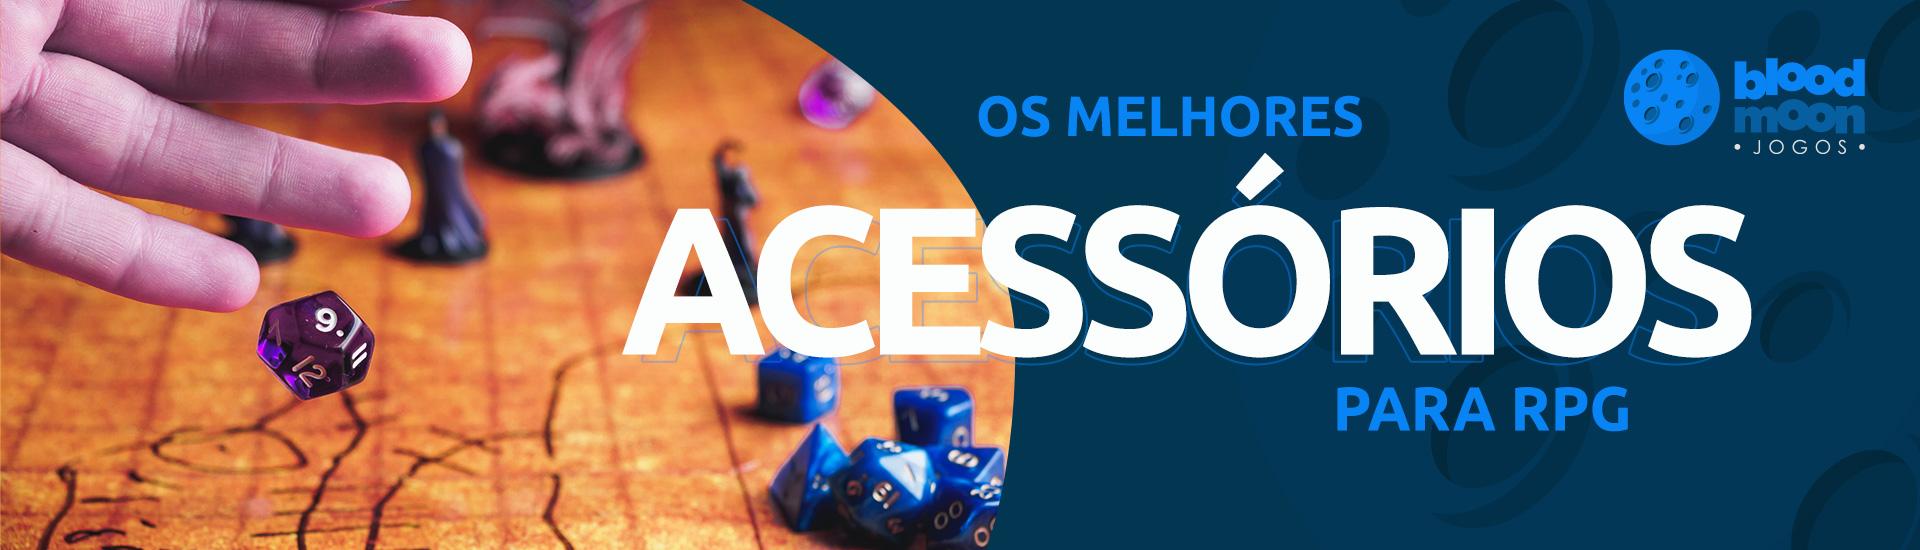 Full Accessorios RPG